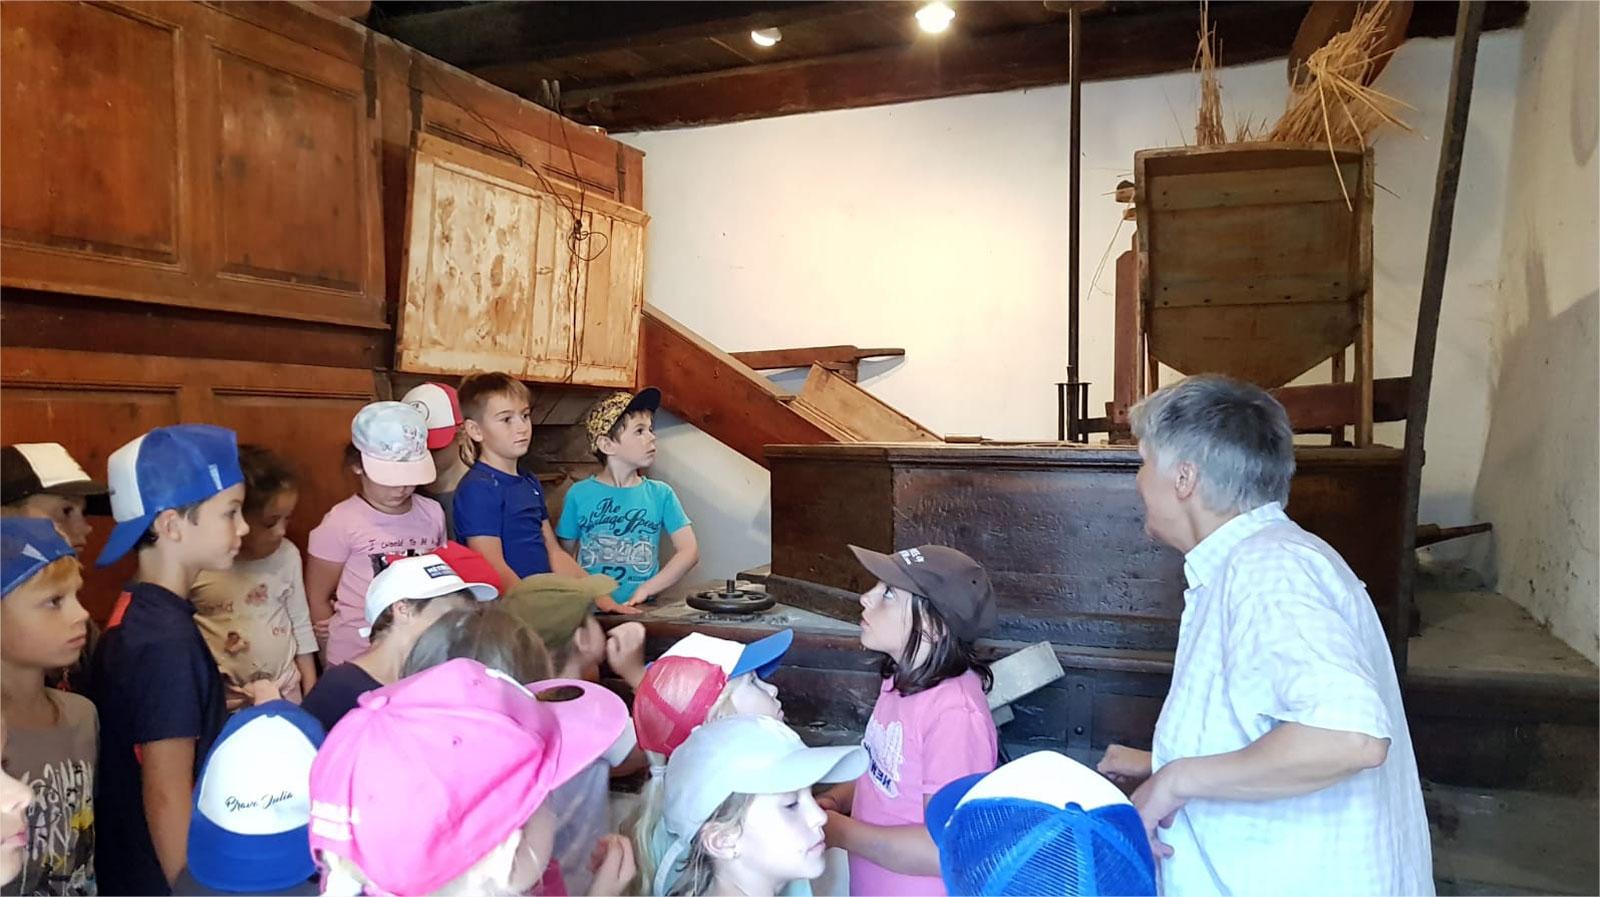 Les enfants de l'école des Cabris d'Isola 2000 en visite au moulin